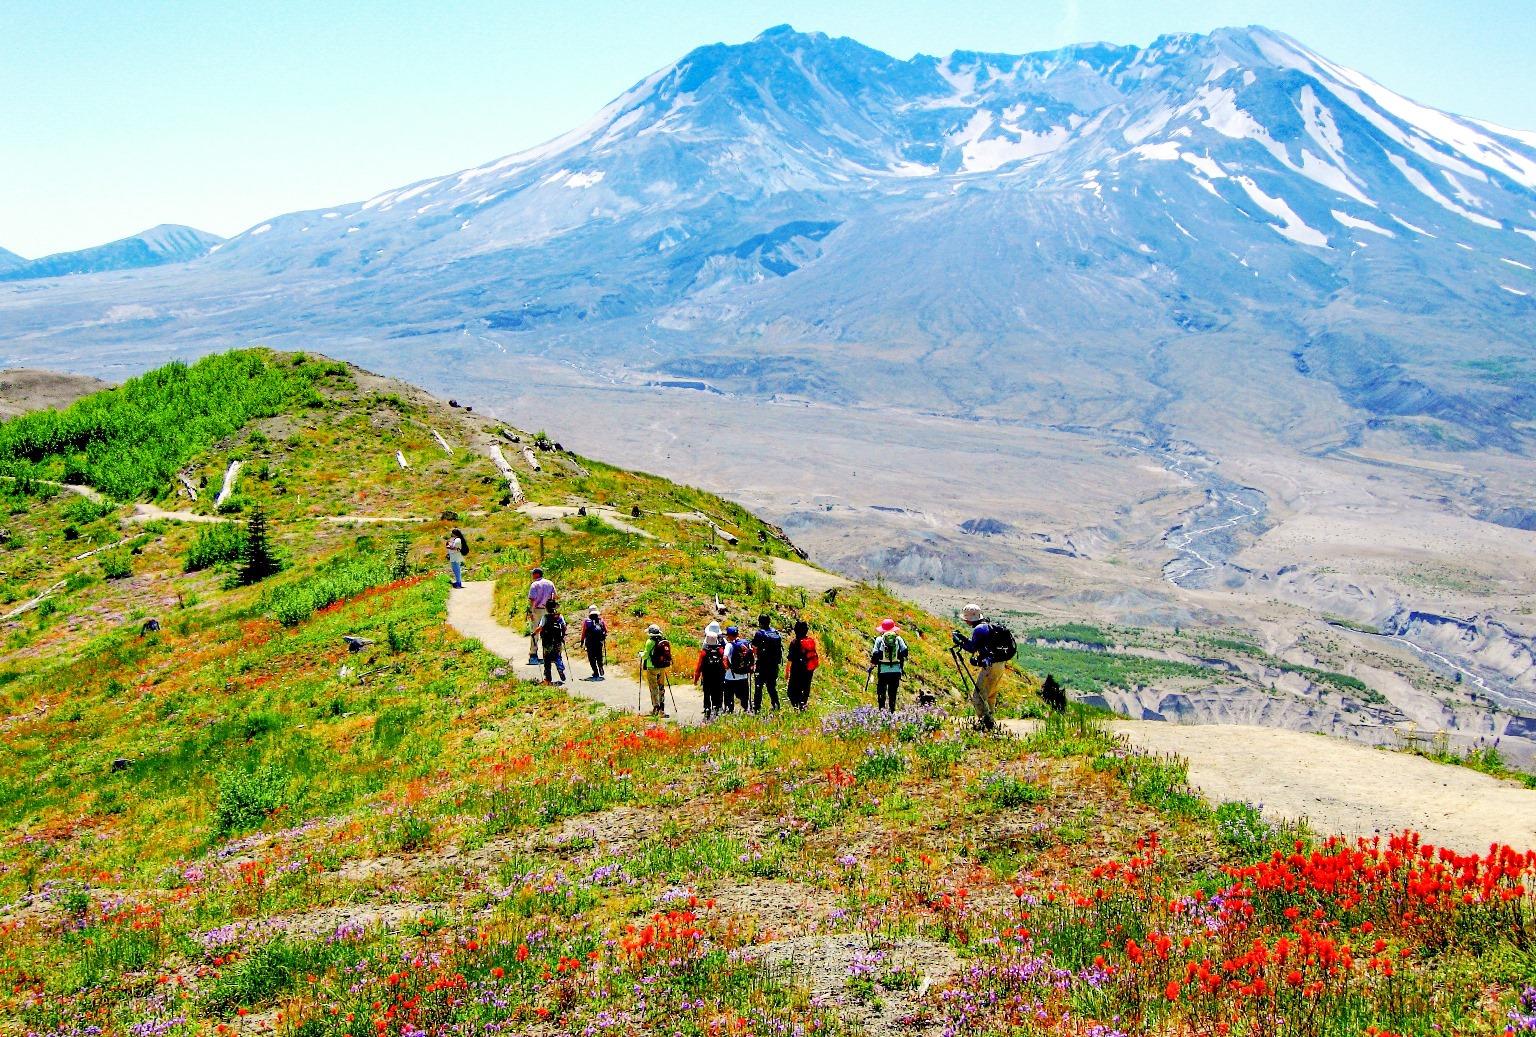 花の宝庫カスケード山脈 フラワー・ハイキング 9日間